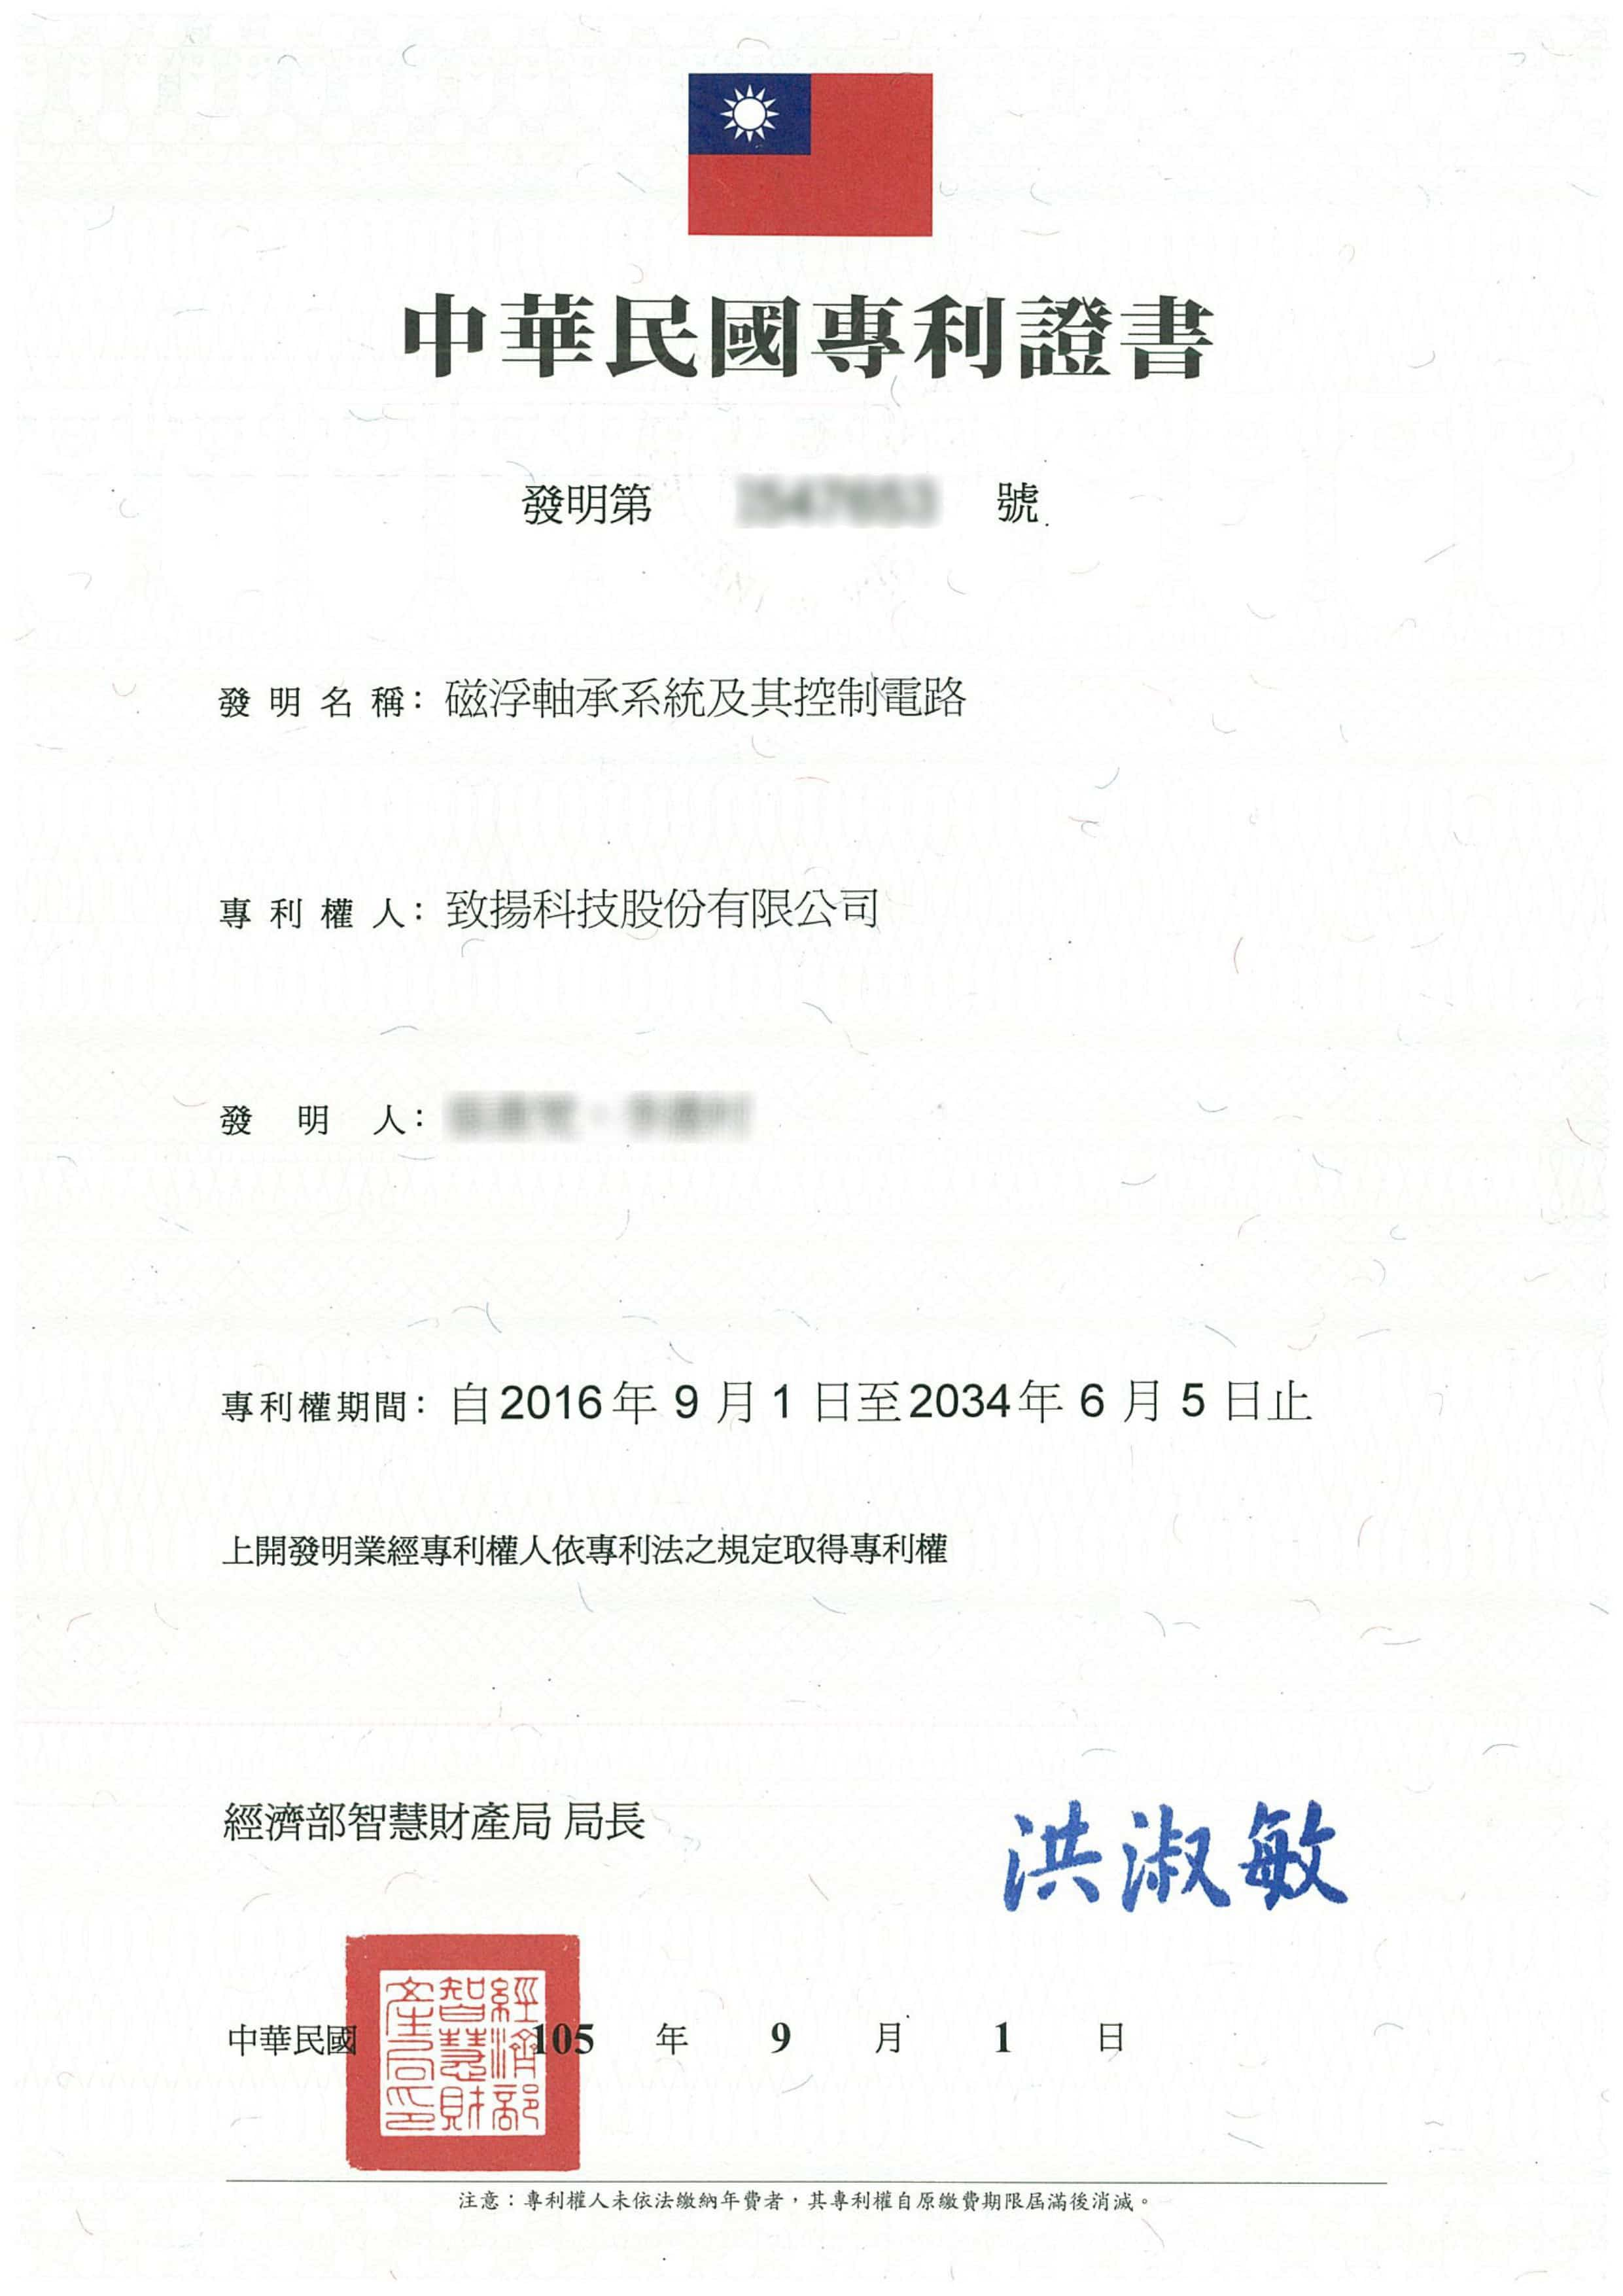 專利證書-磁浮軸系統及其控制電路_m